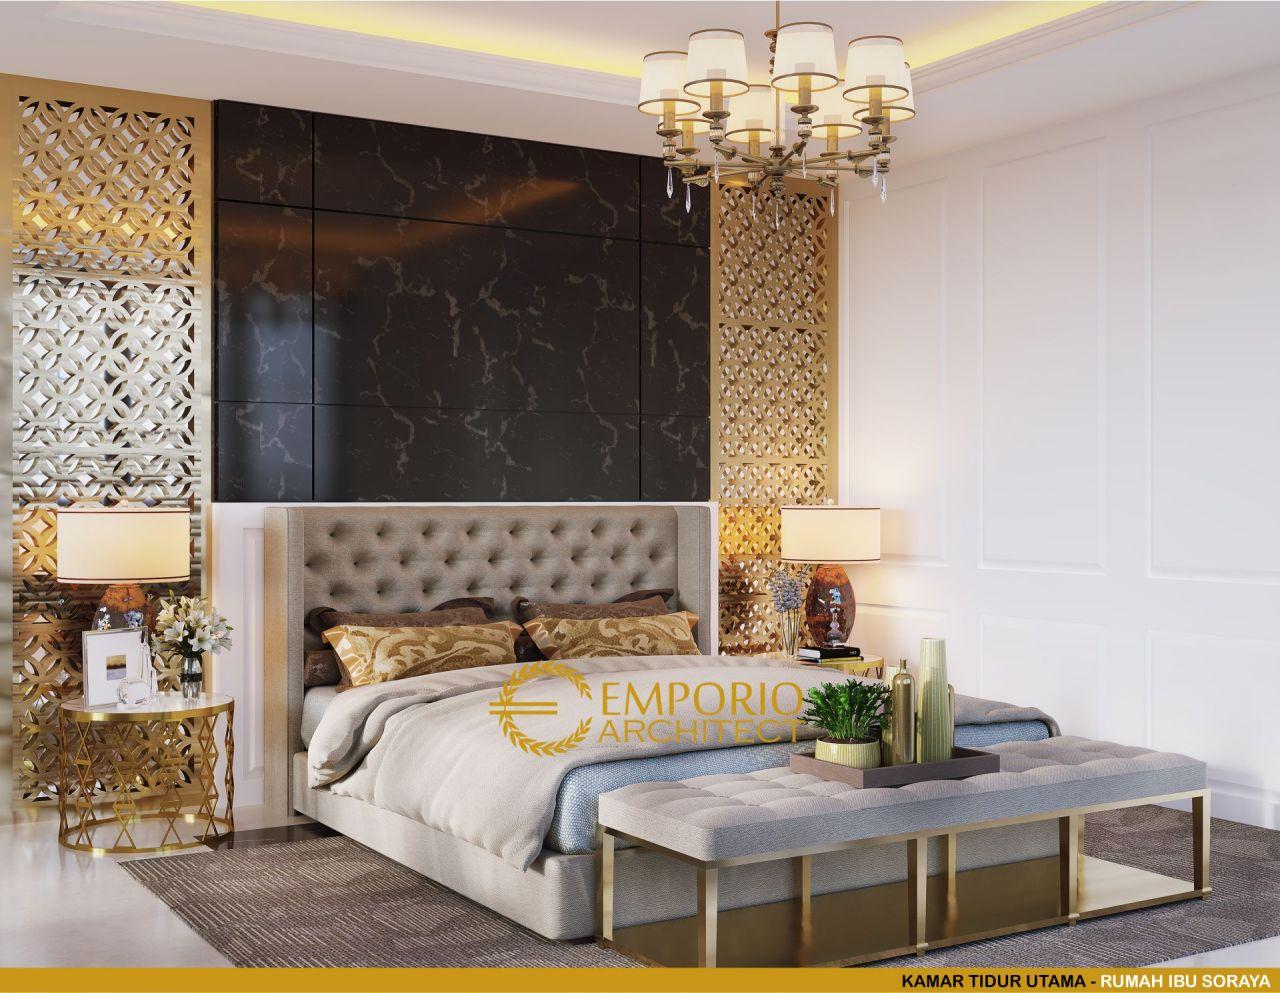 15 Inspirasi Desain Interior Kamar Tidur Bergaya Klasik Part 2